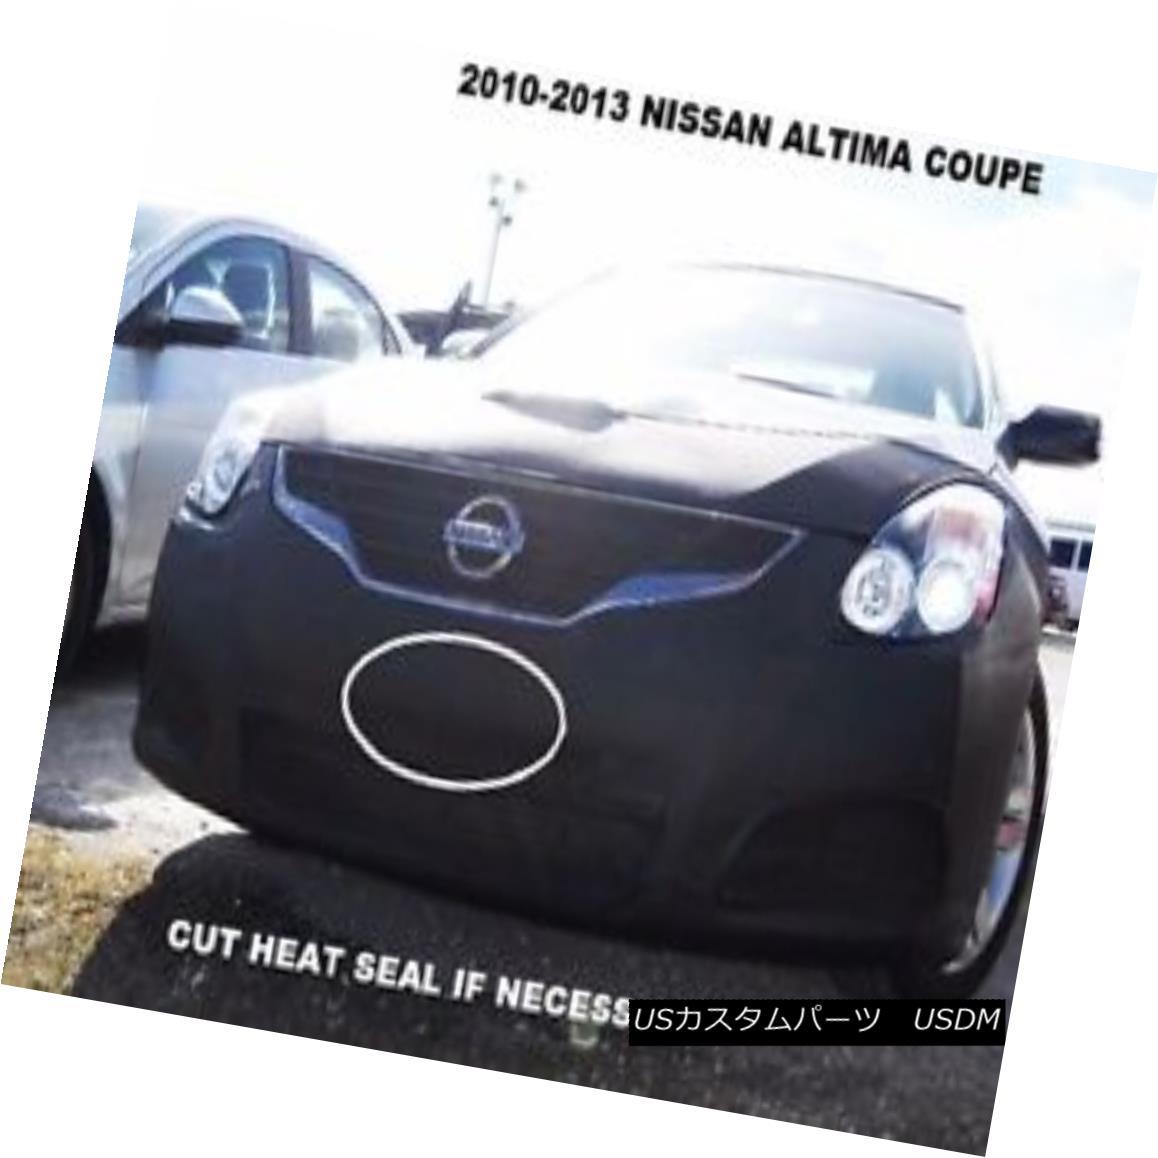 フルブラ ノーズブラ Lebra Front End Mask Cover Bra Fits 2010-2013 Nissan Altima Coupe Lebraフロントエンドマスクカバーブラフィット2010-2013 Nissan Altima Coupe